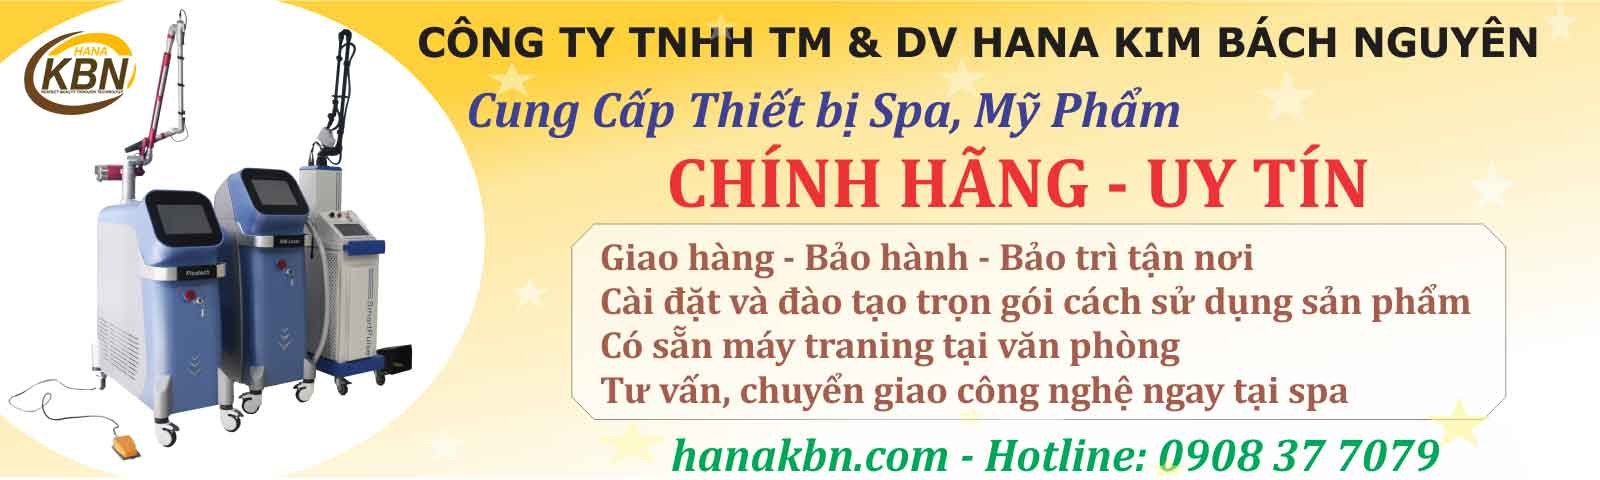 Thiết bị spa chính hãng tại Hana Kim Bách Nguyên